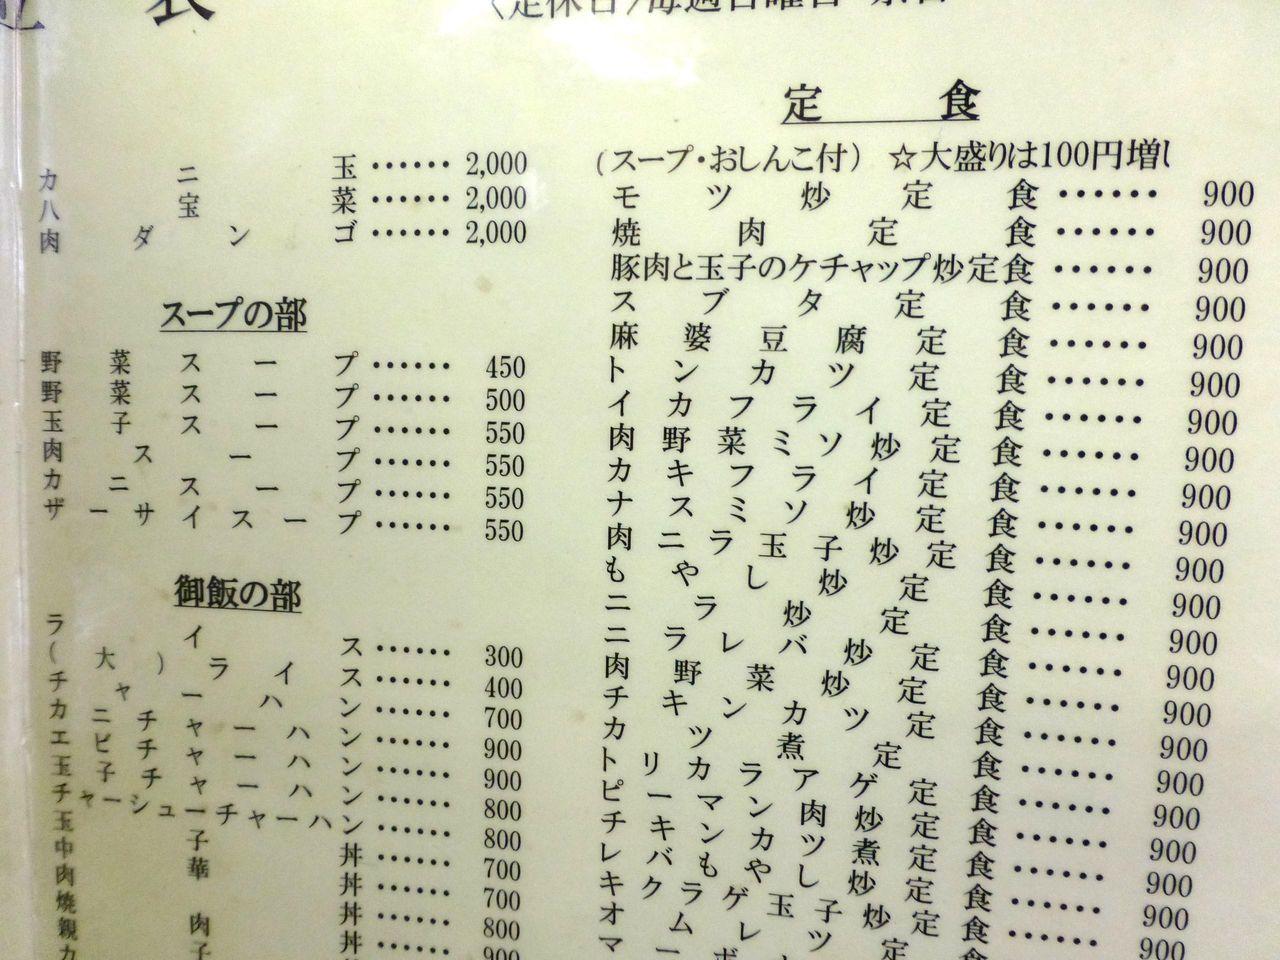 仙台やのメニュー(25年8月現在)